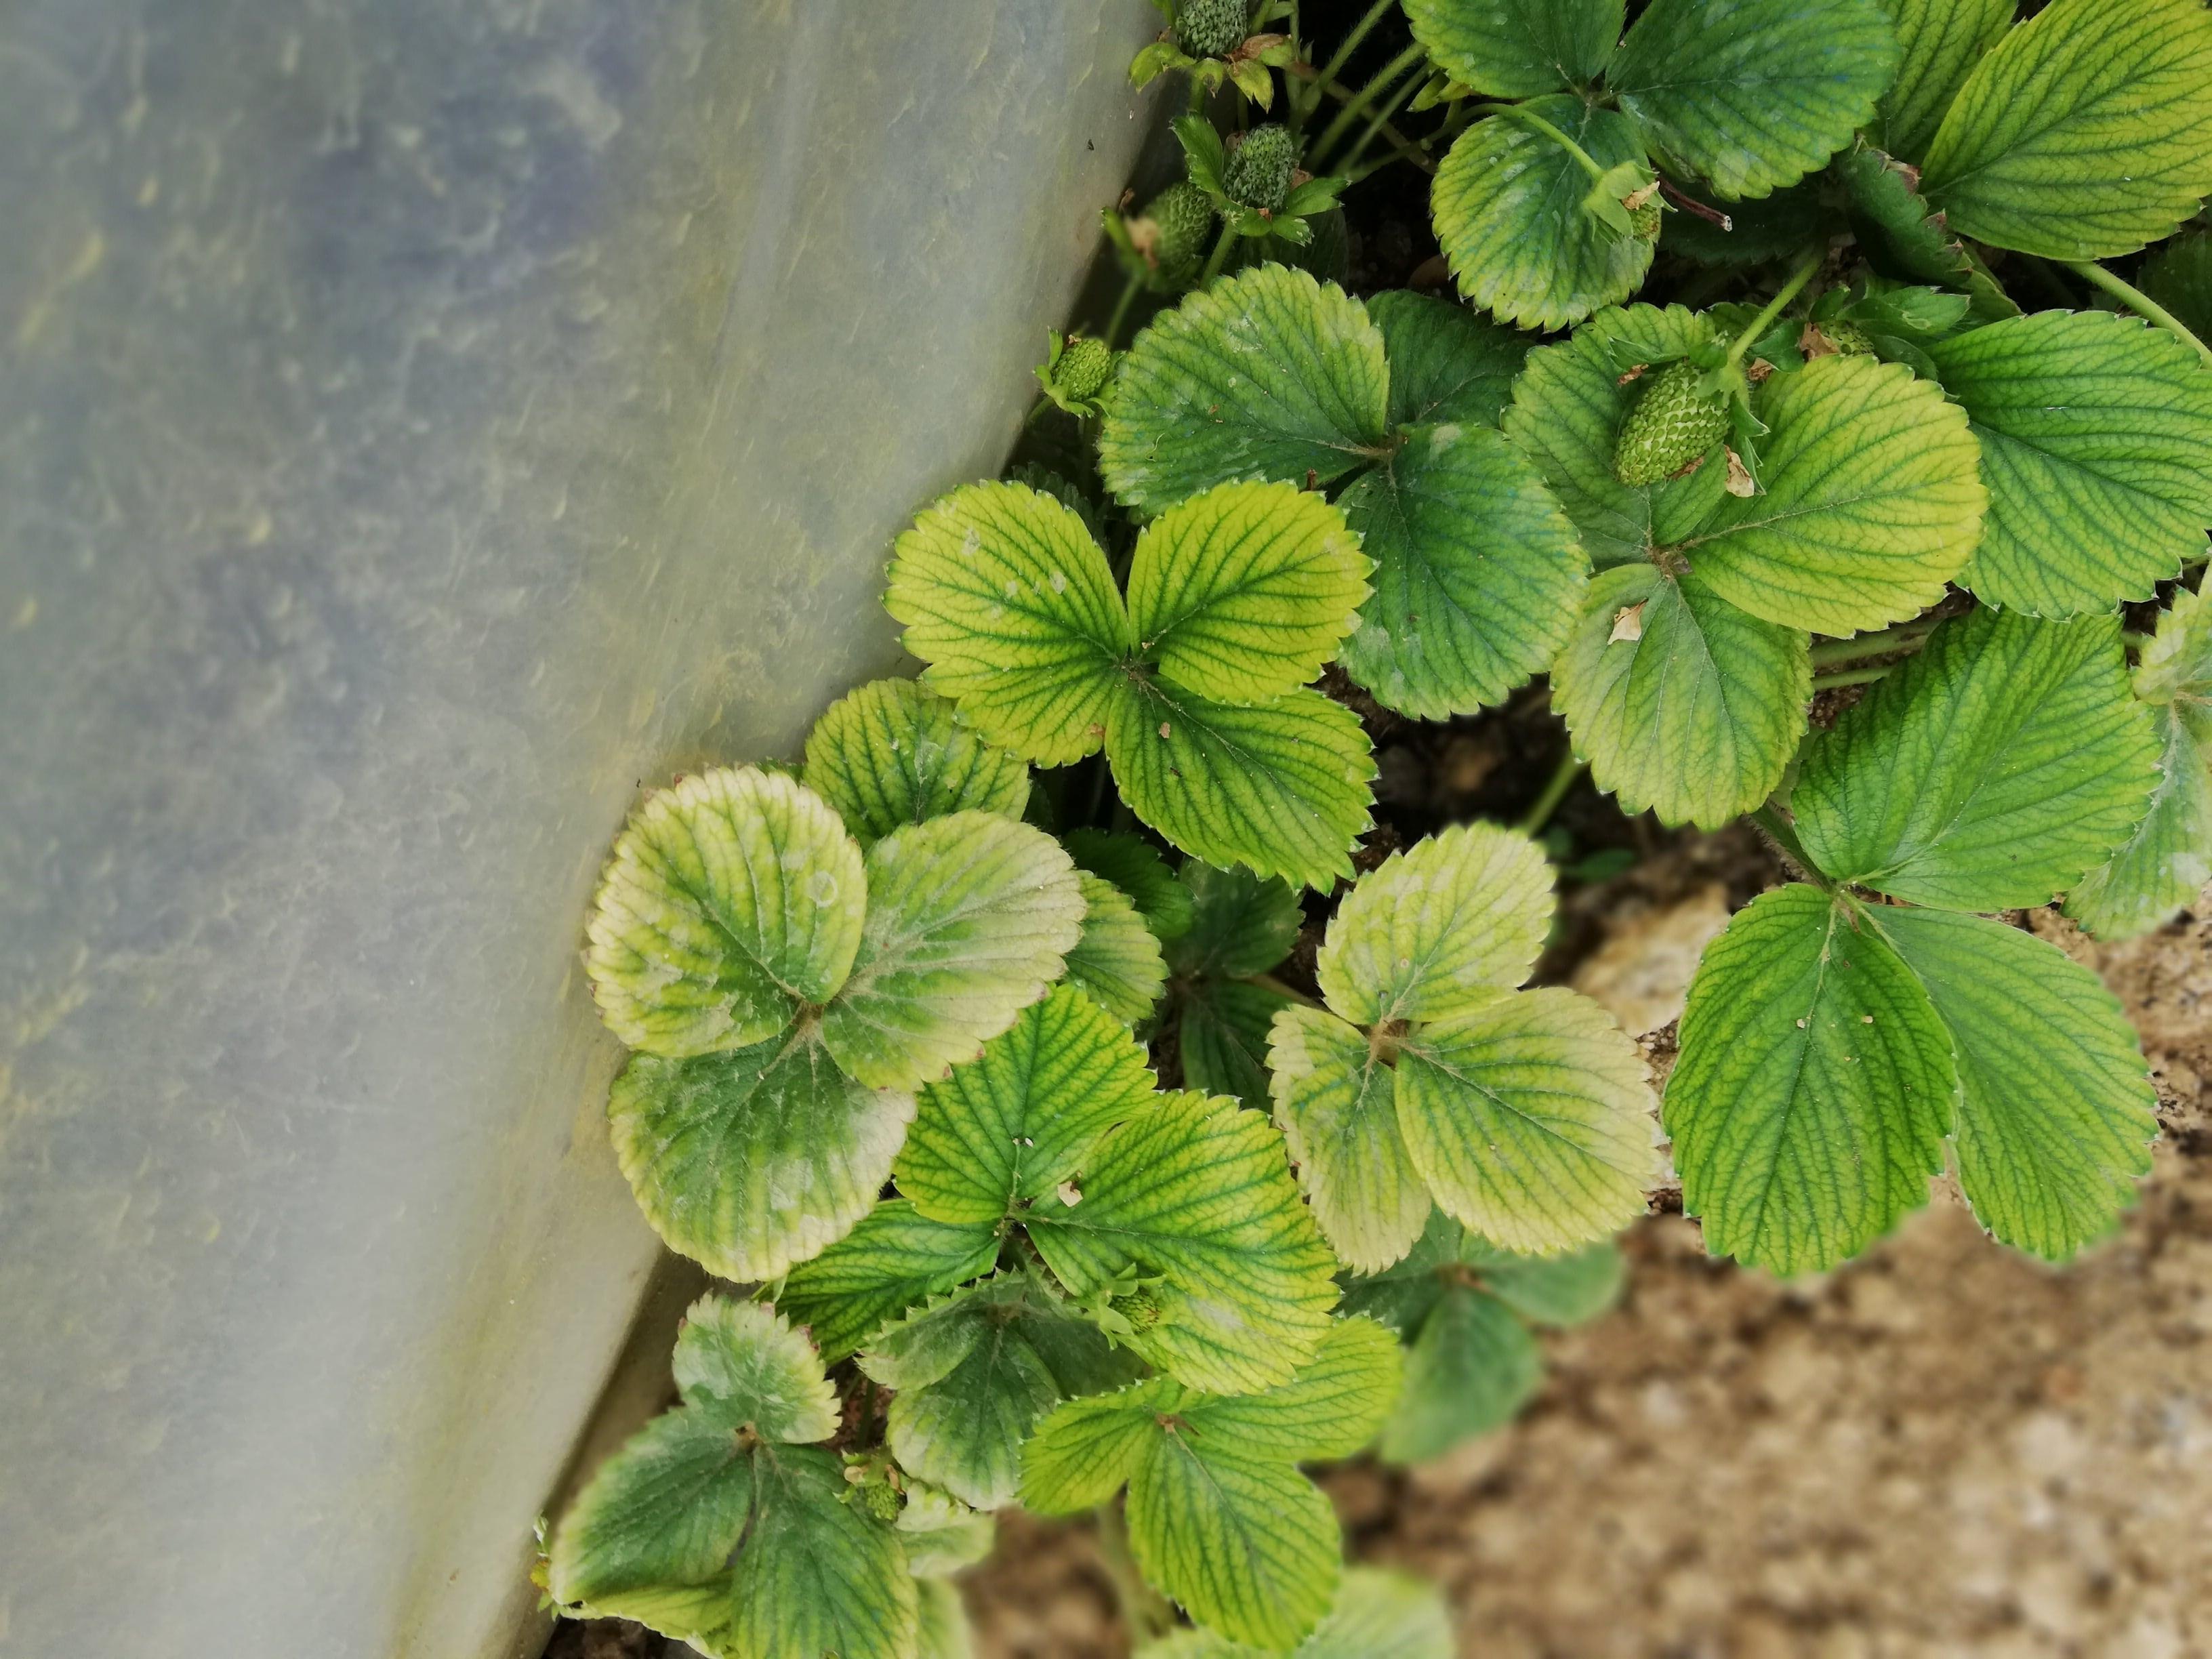 çilek yaprak damarları yeşil